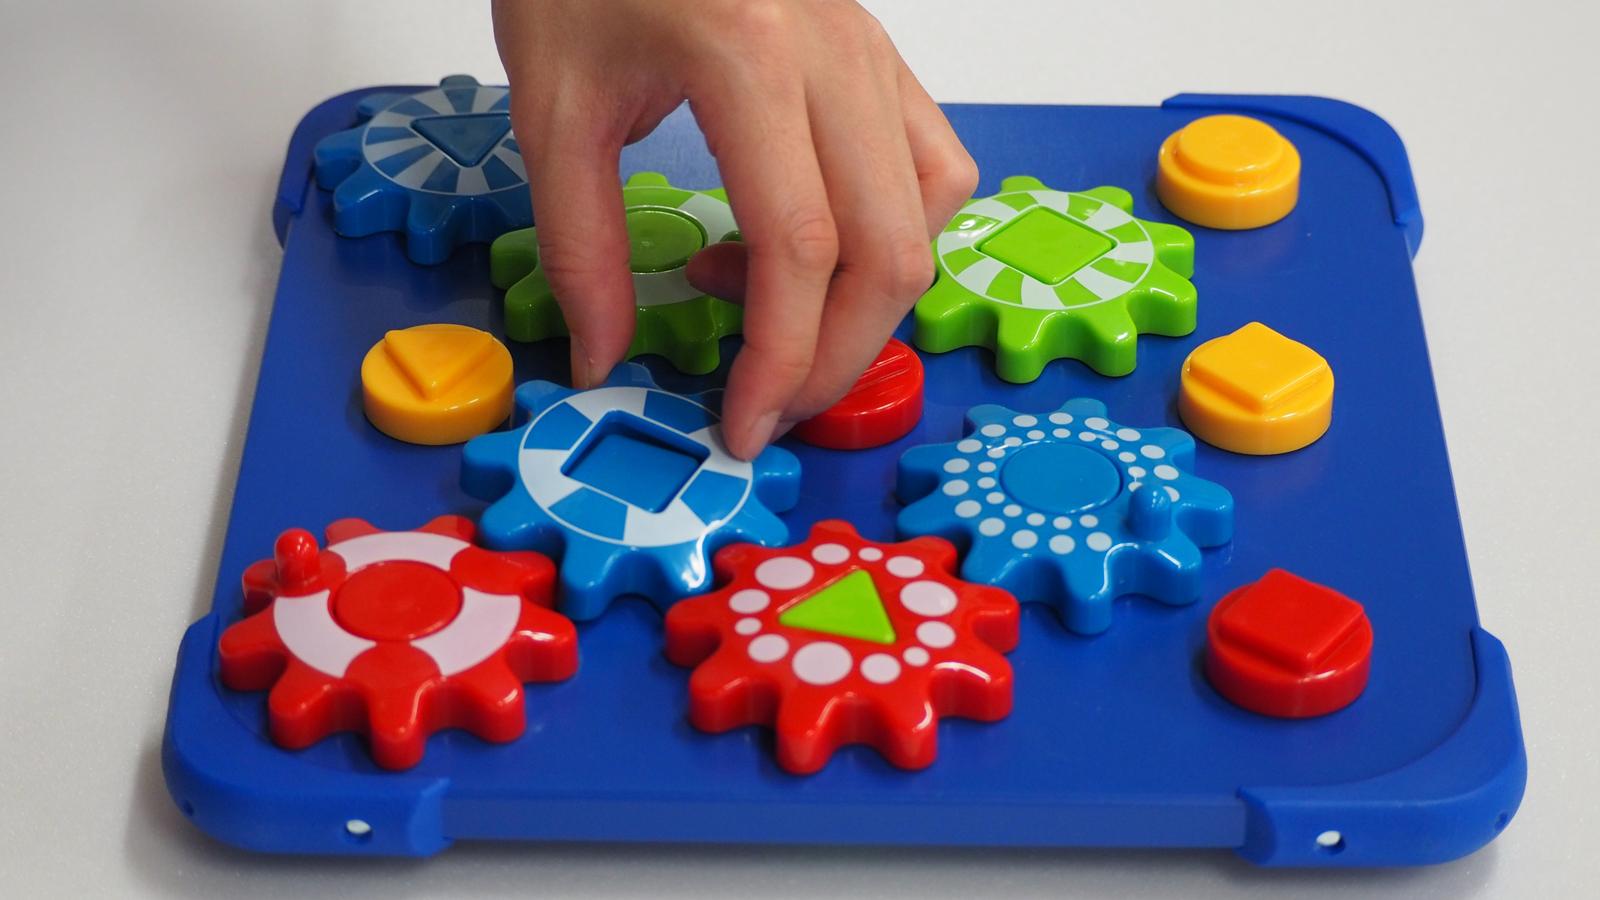 神経小児科医が語る 手とおもちゃの豊かな関係って?